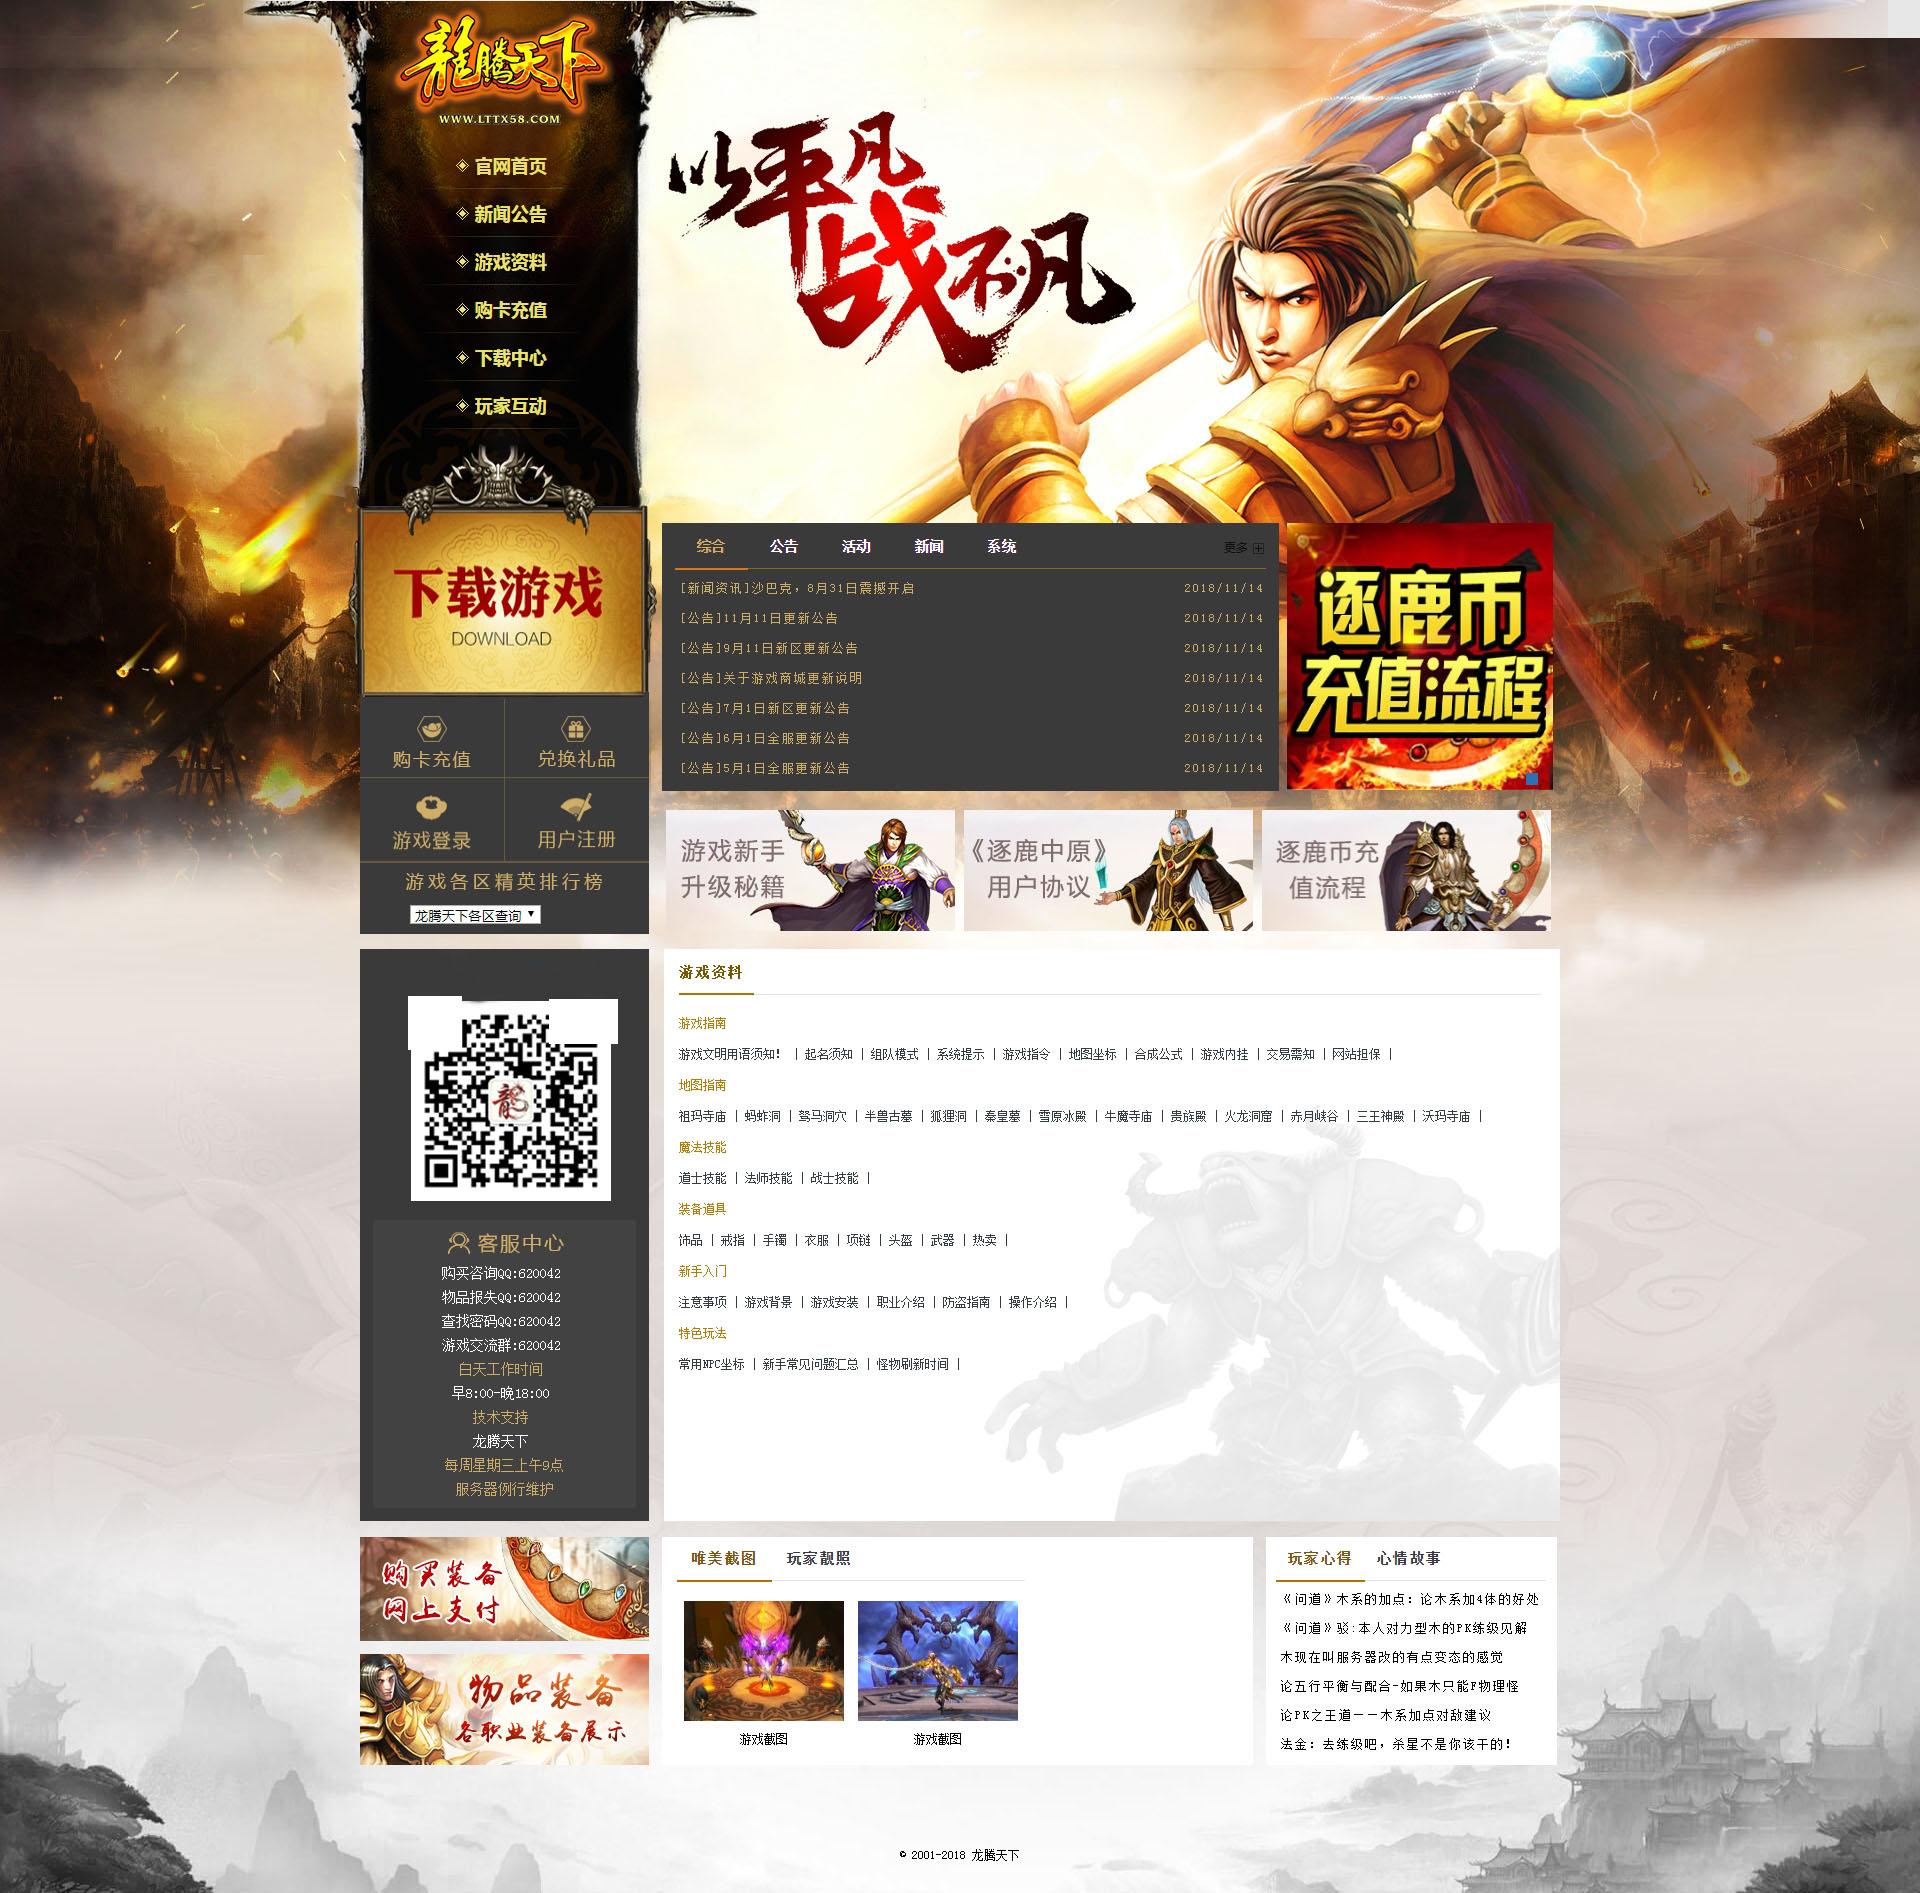 《龙腾天下》 游戏网模版PHP